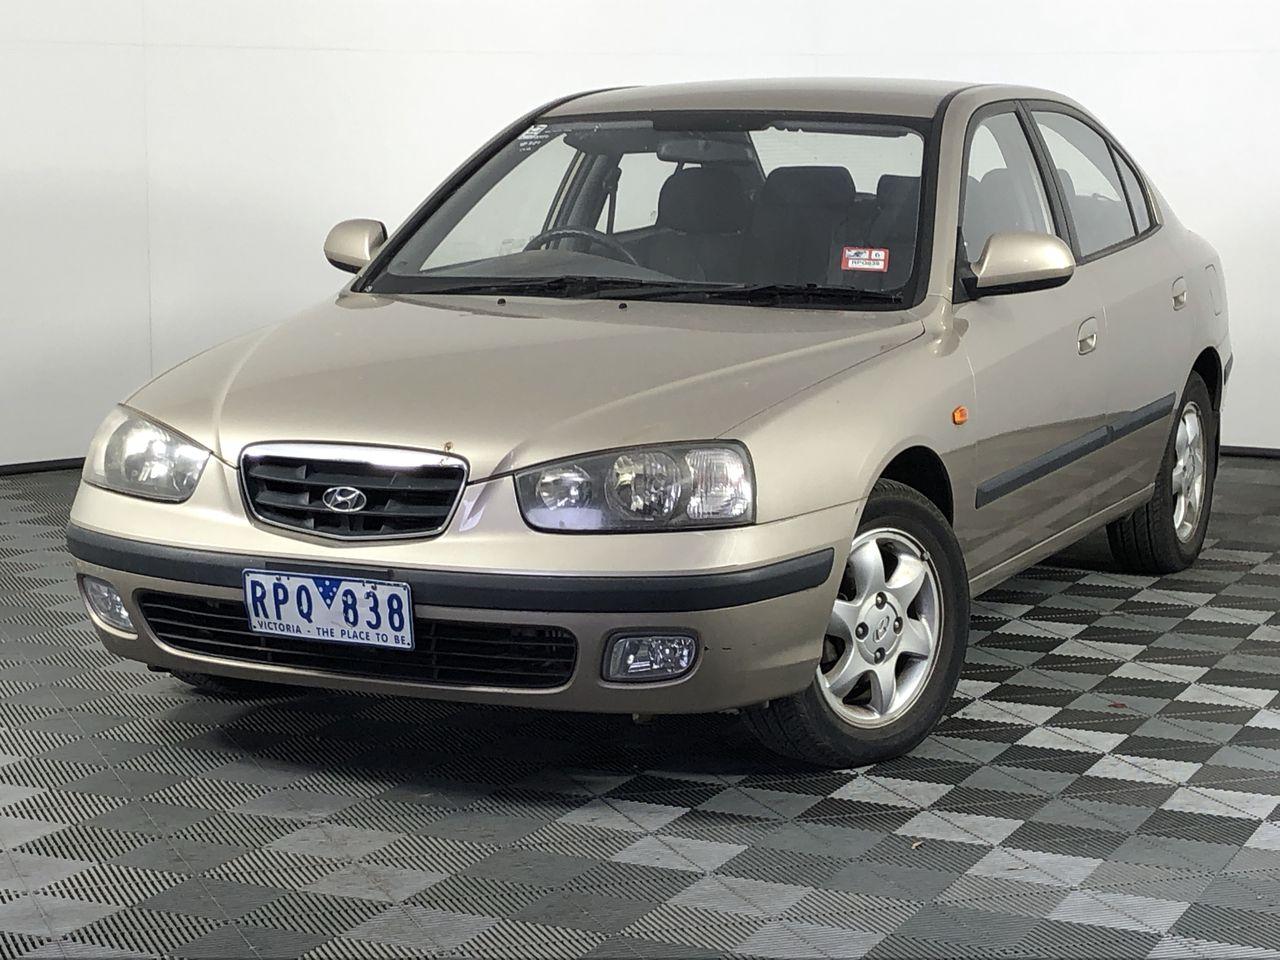 2002 Hyundai Elantra GLS XD Automatic Sedan